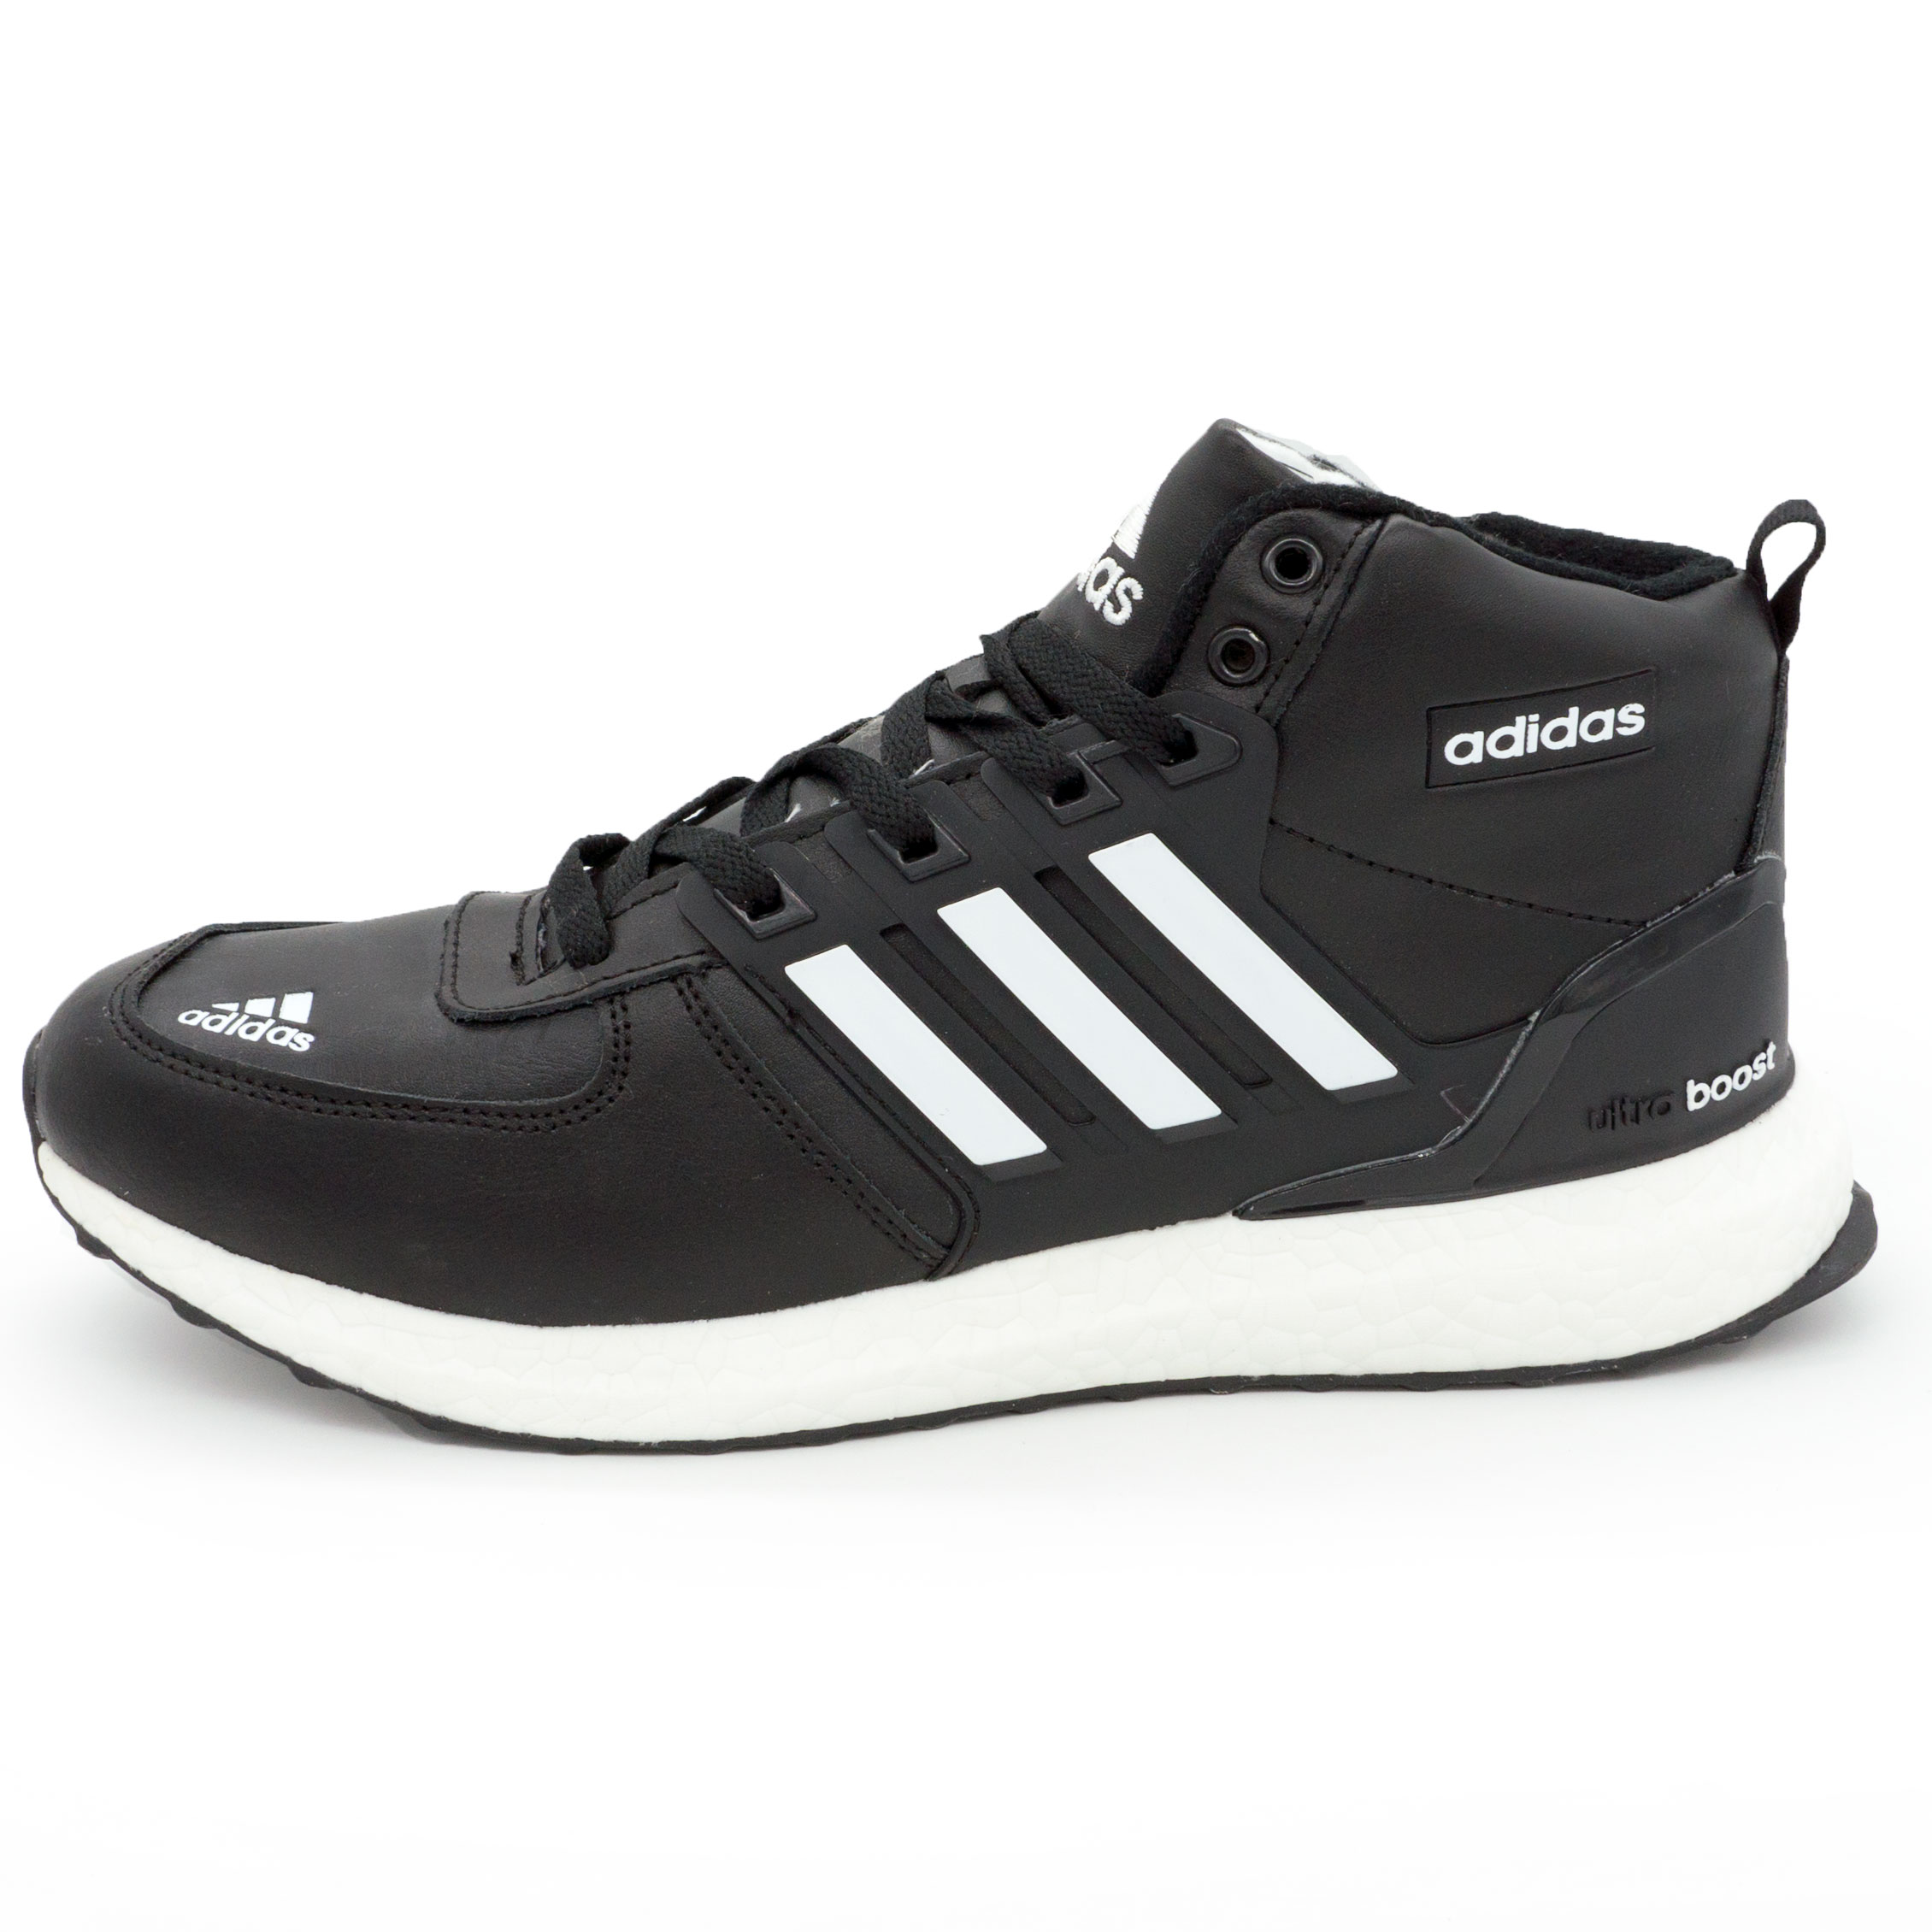 фото main Зимние мужские кроссовки Adidas Ultra boost черные с мехом main